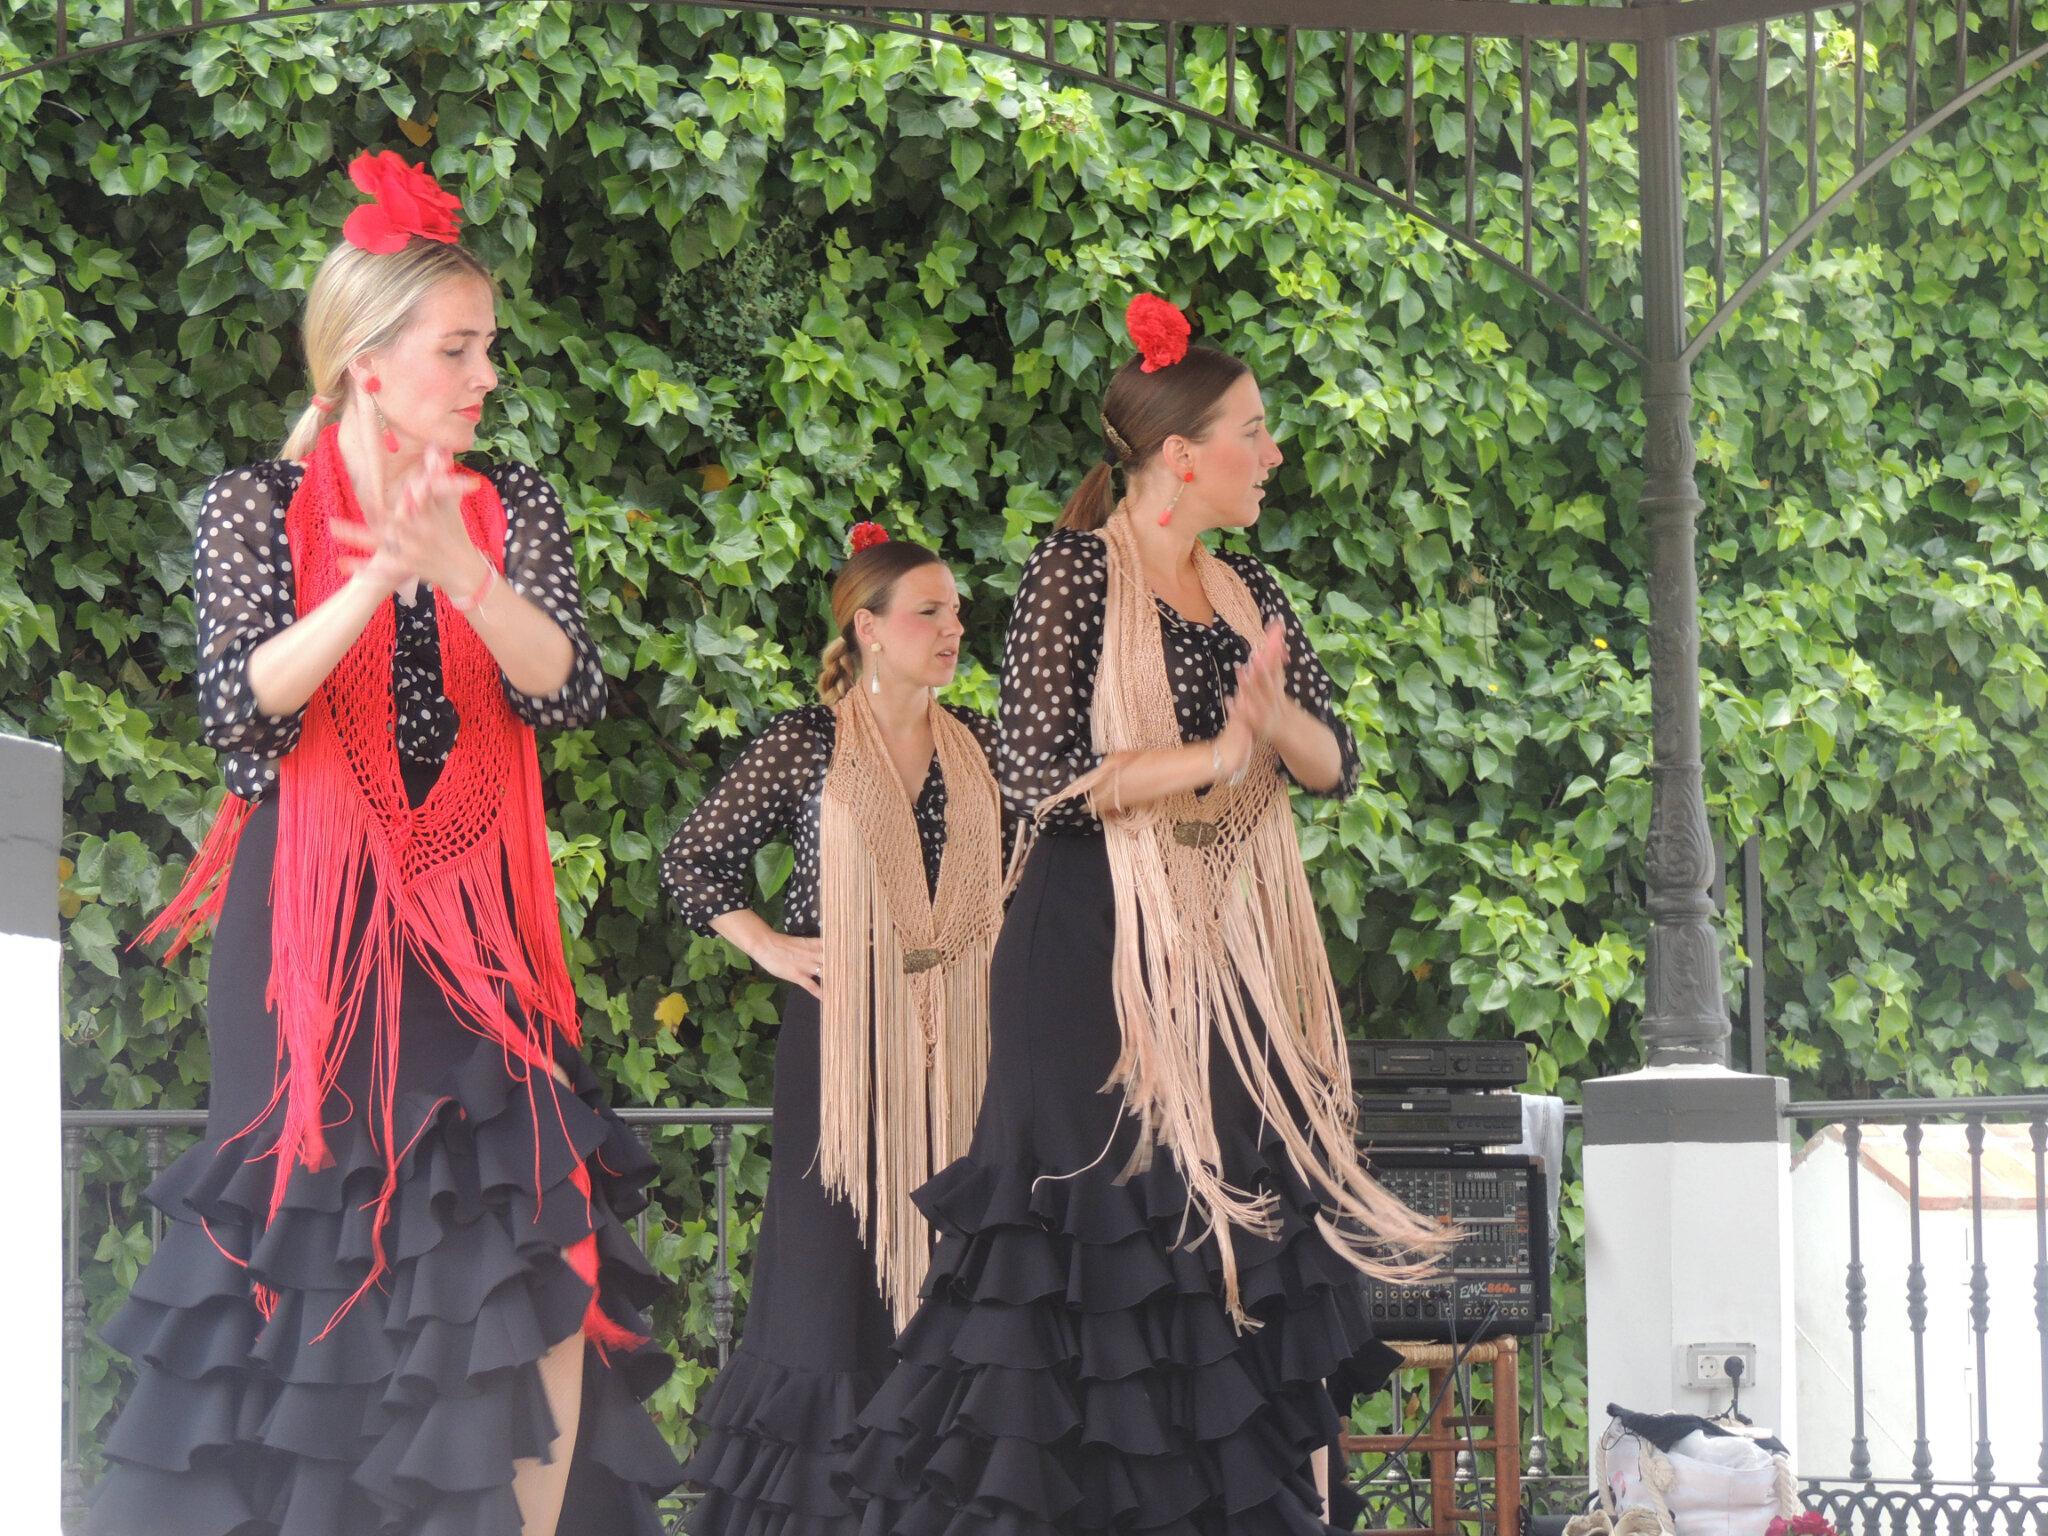 Gypsy datant traditions photo pour le site de rencontres